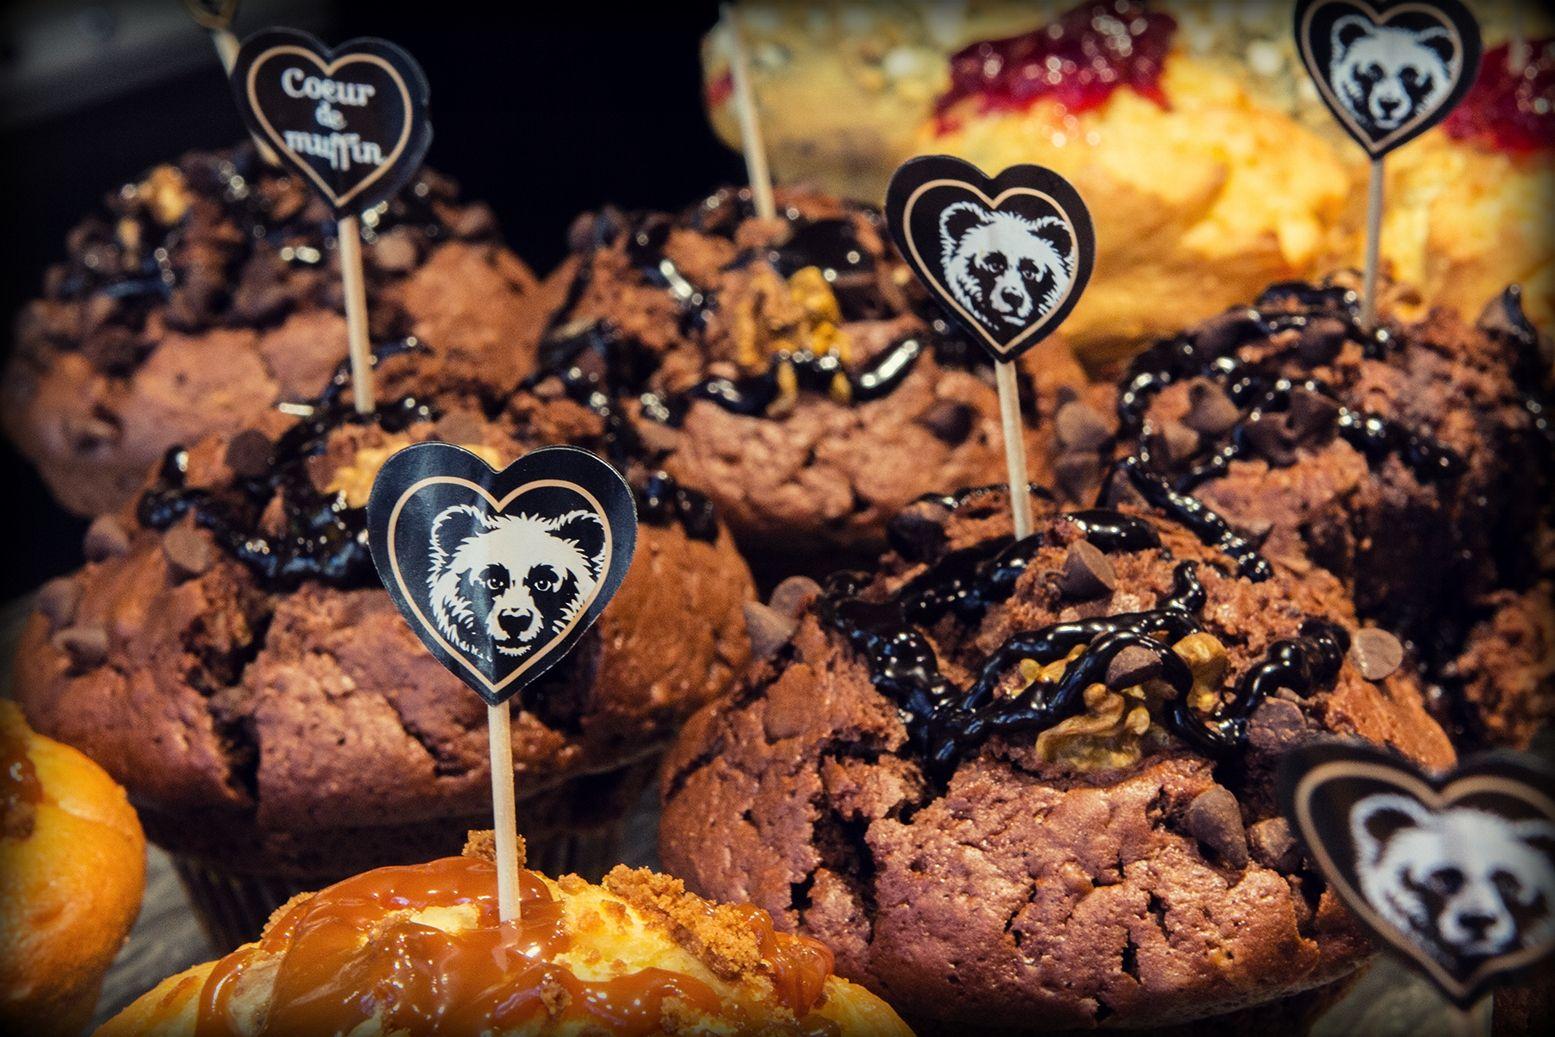 Les cœurs de muffins Columbus Café & Co <3